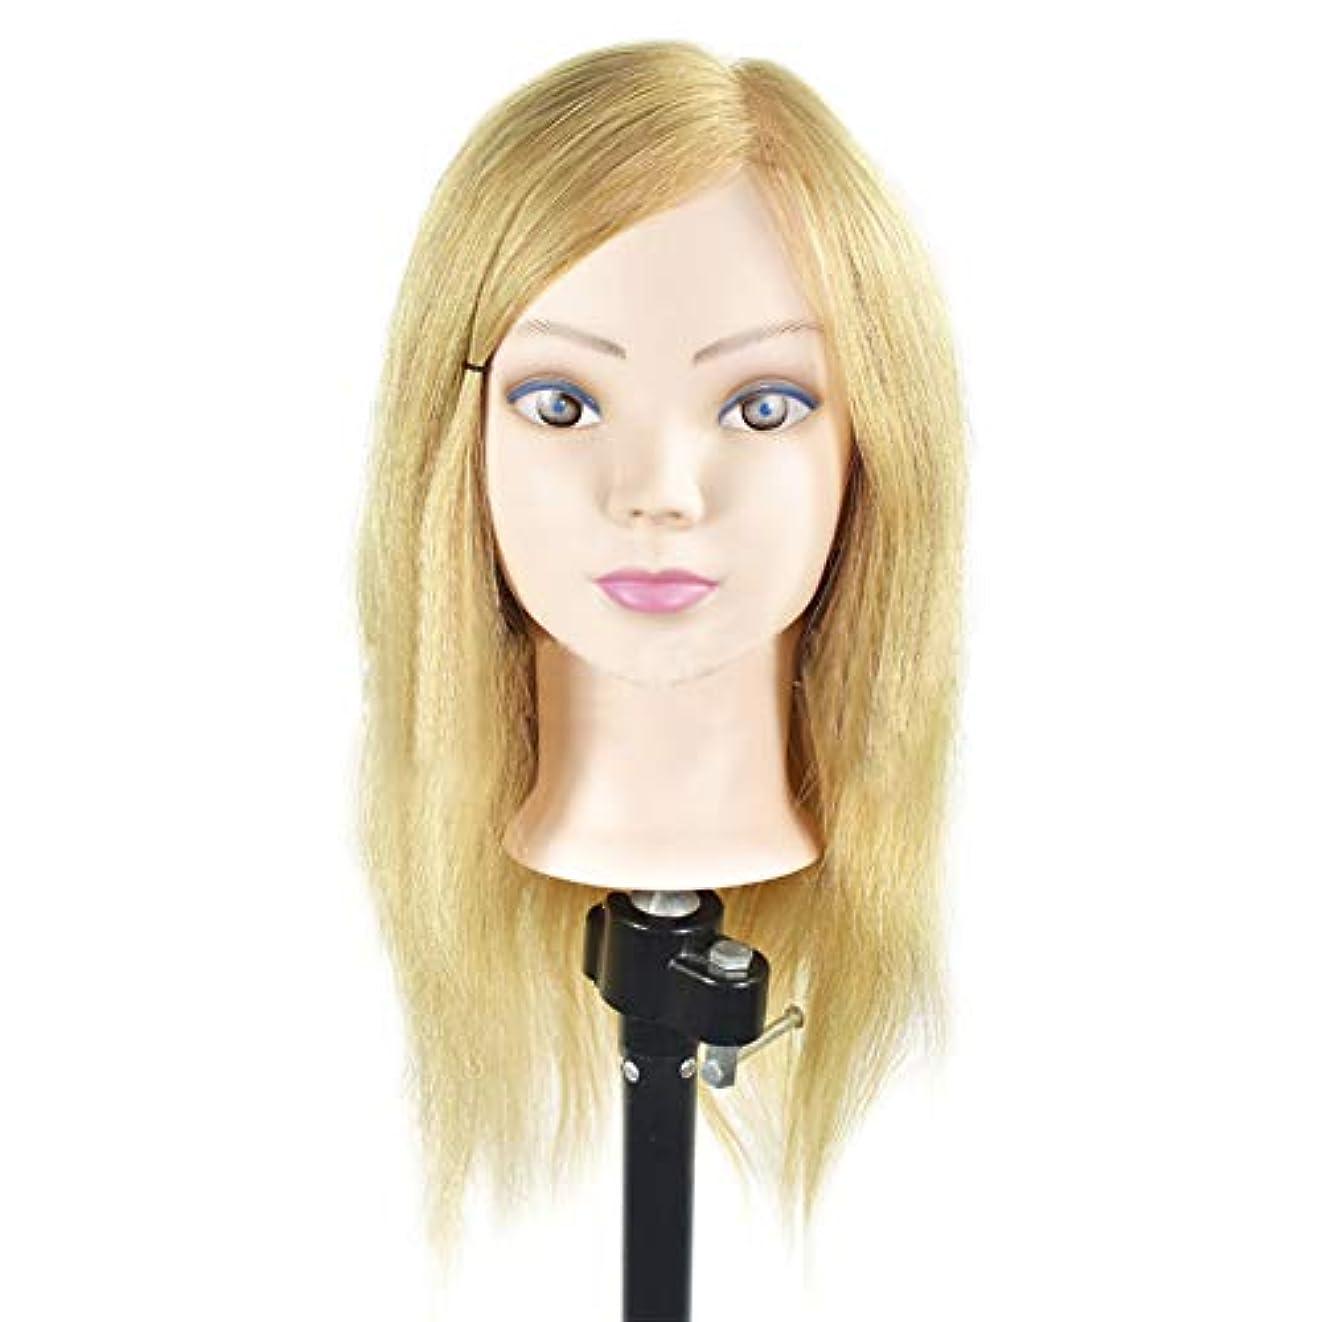 本物の髪髪編組髪ヘアホット染料ヘッド型サロンモデリングウィッグエクササイズヘッド散髪学習ダミーヘッド